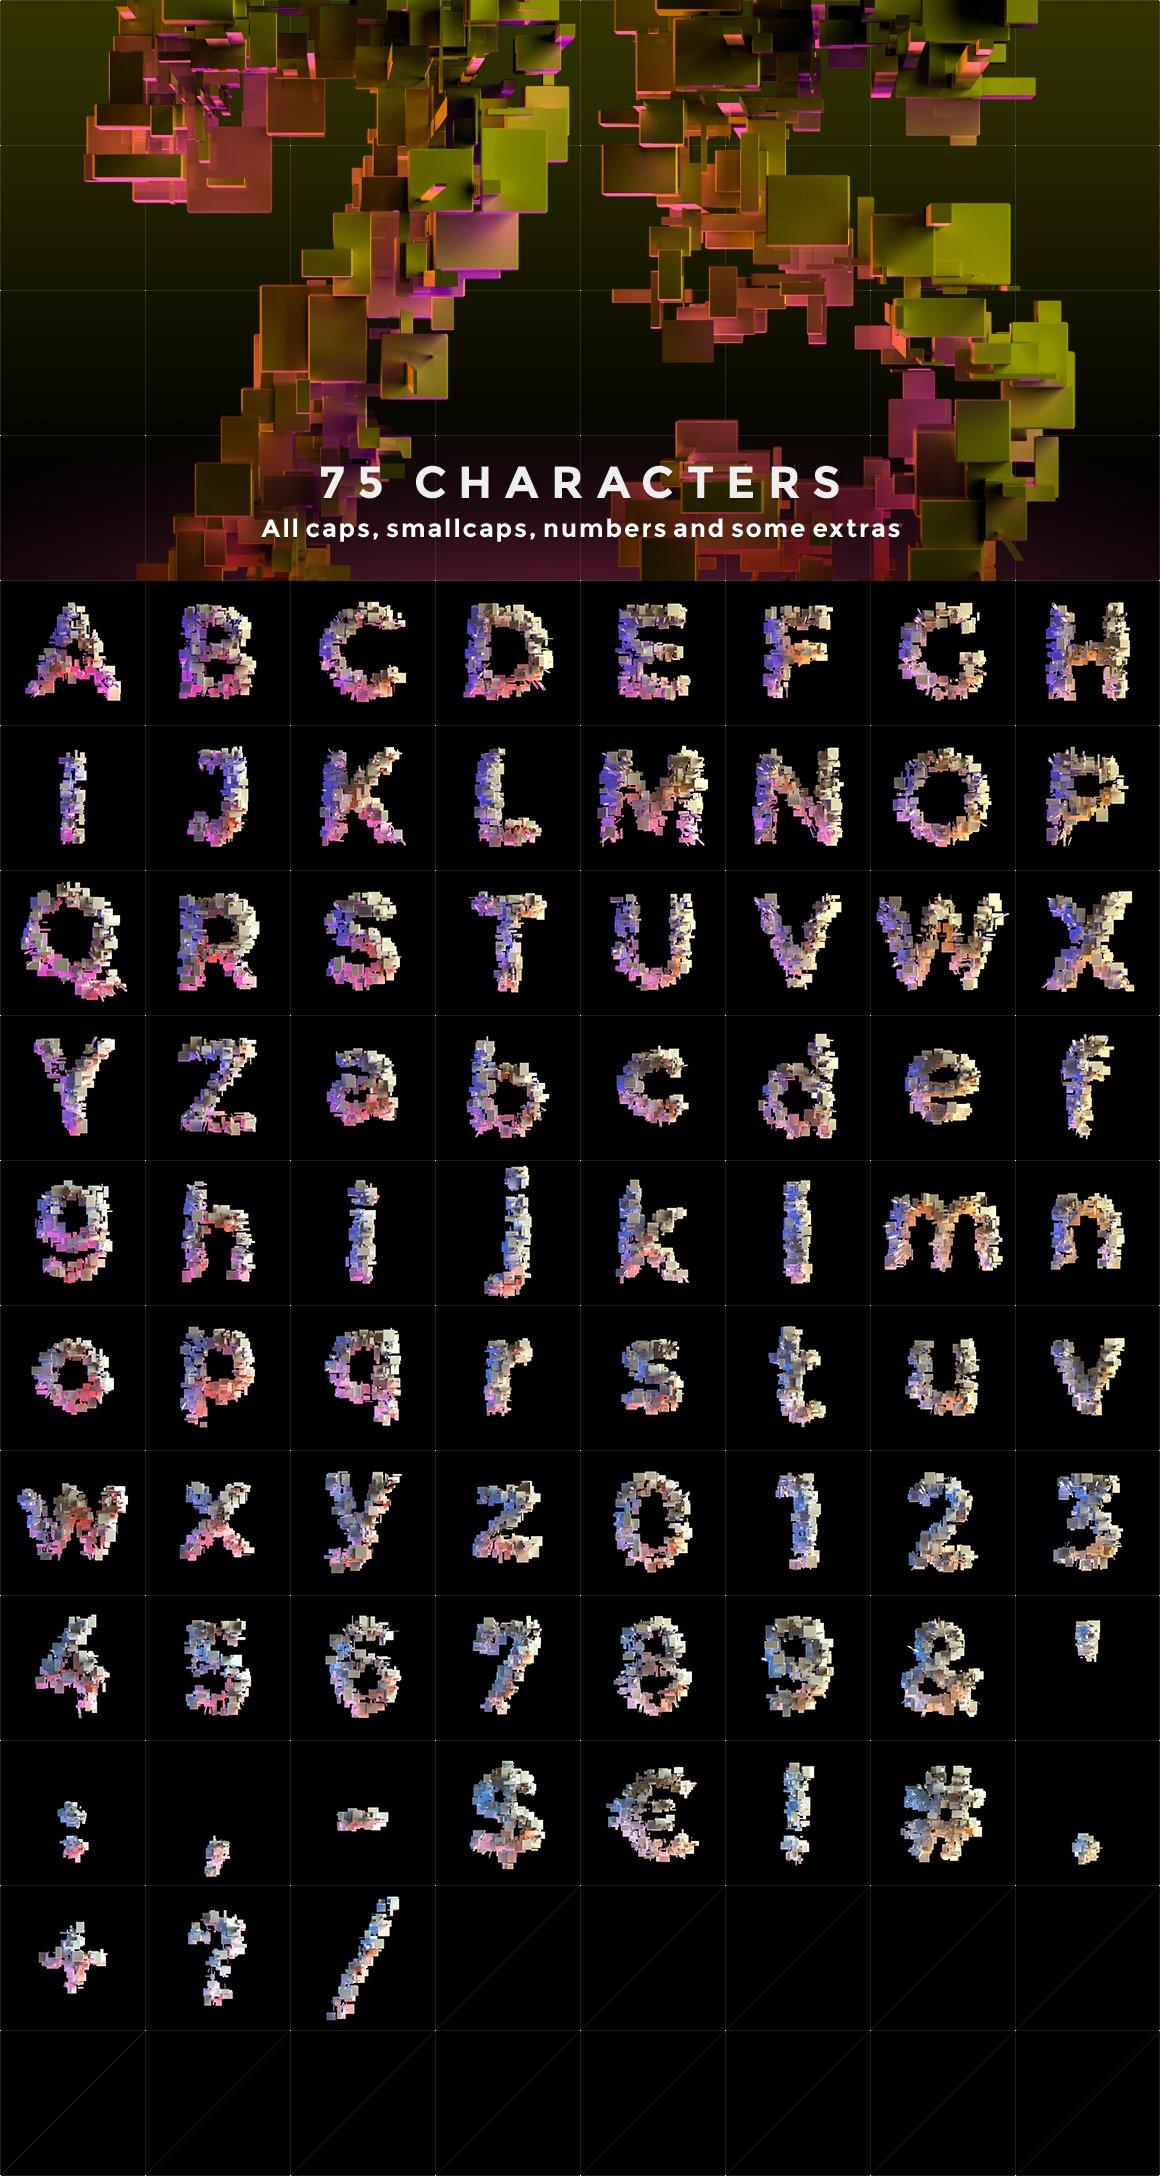 带有灯光科幻3D颗粒块状字母设计PS图层样式素材套件 COMPL3X – Futuristic 3D Alphabet Kit插图(7)